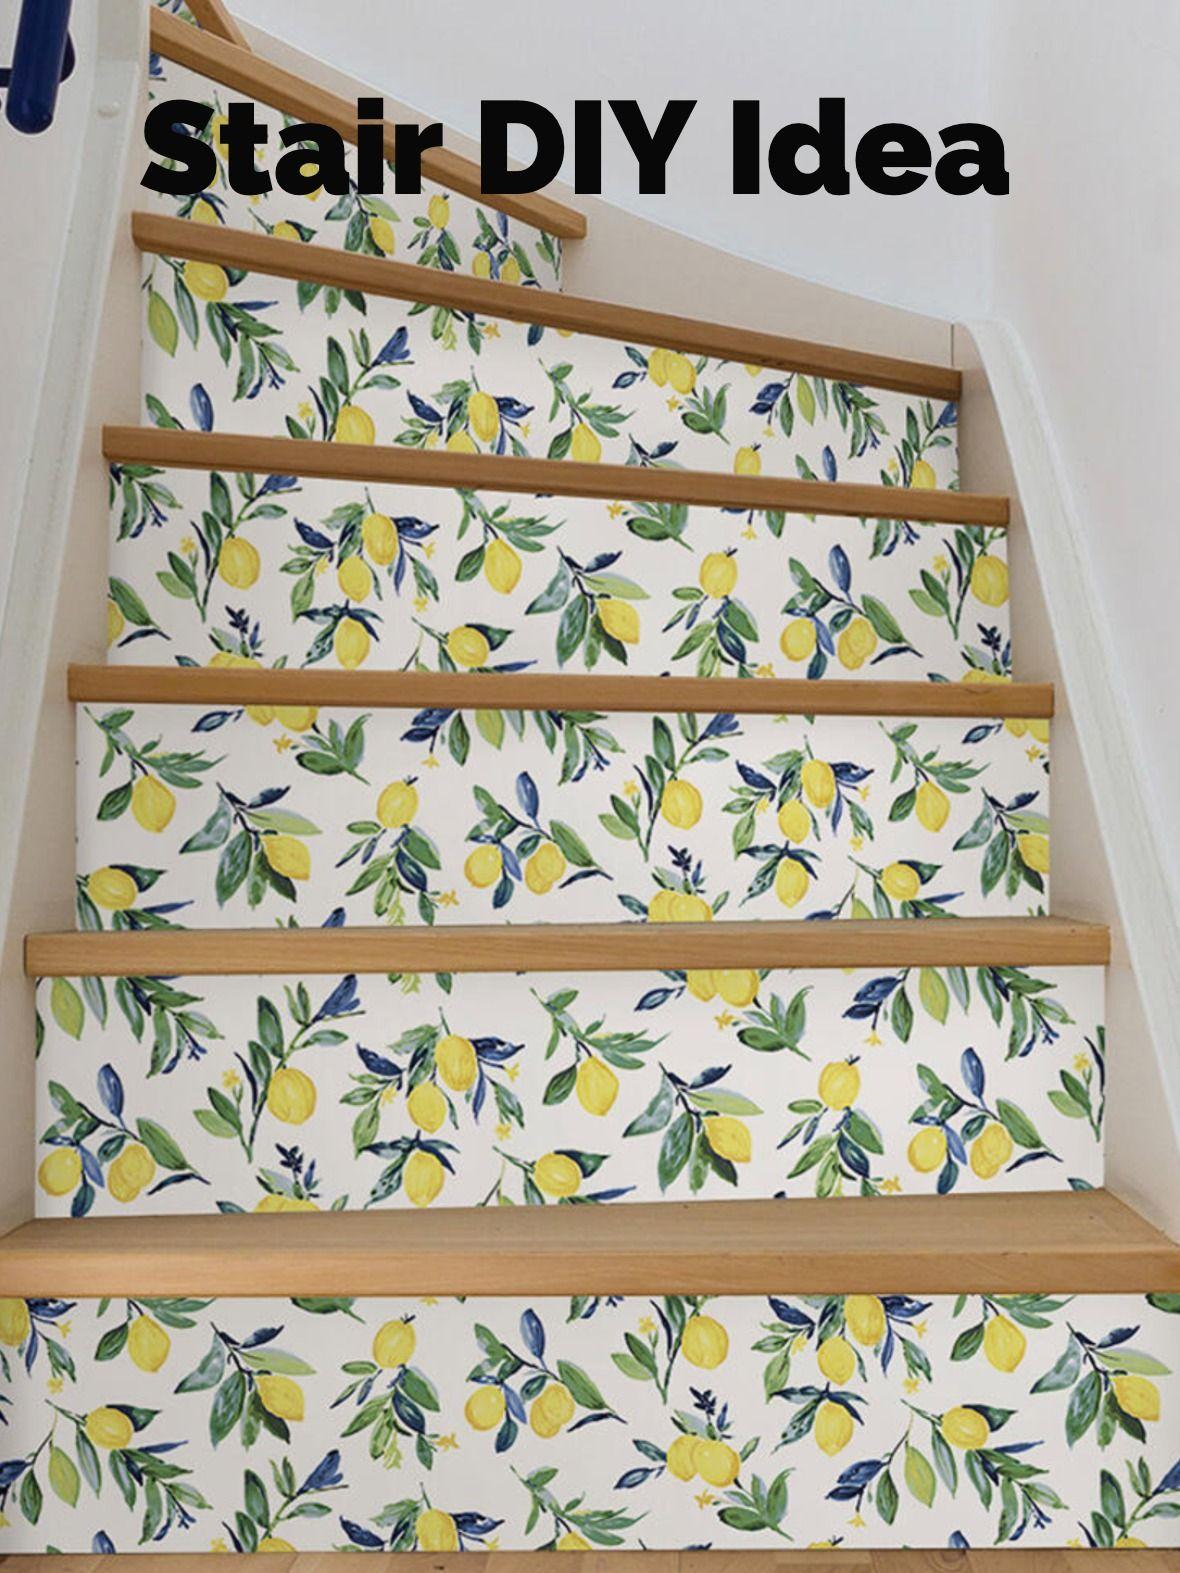 Nuwallpaper Lemon Drop Yellow Yellow Wallpaper Sample Nus3161sam The Home Depot Wallpaper Stairs Nuwallpaper Wallpaper Samples